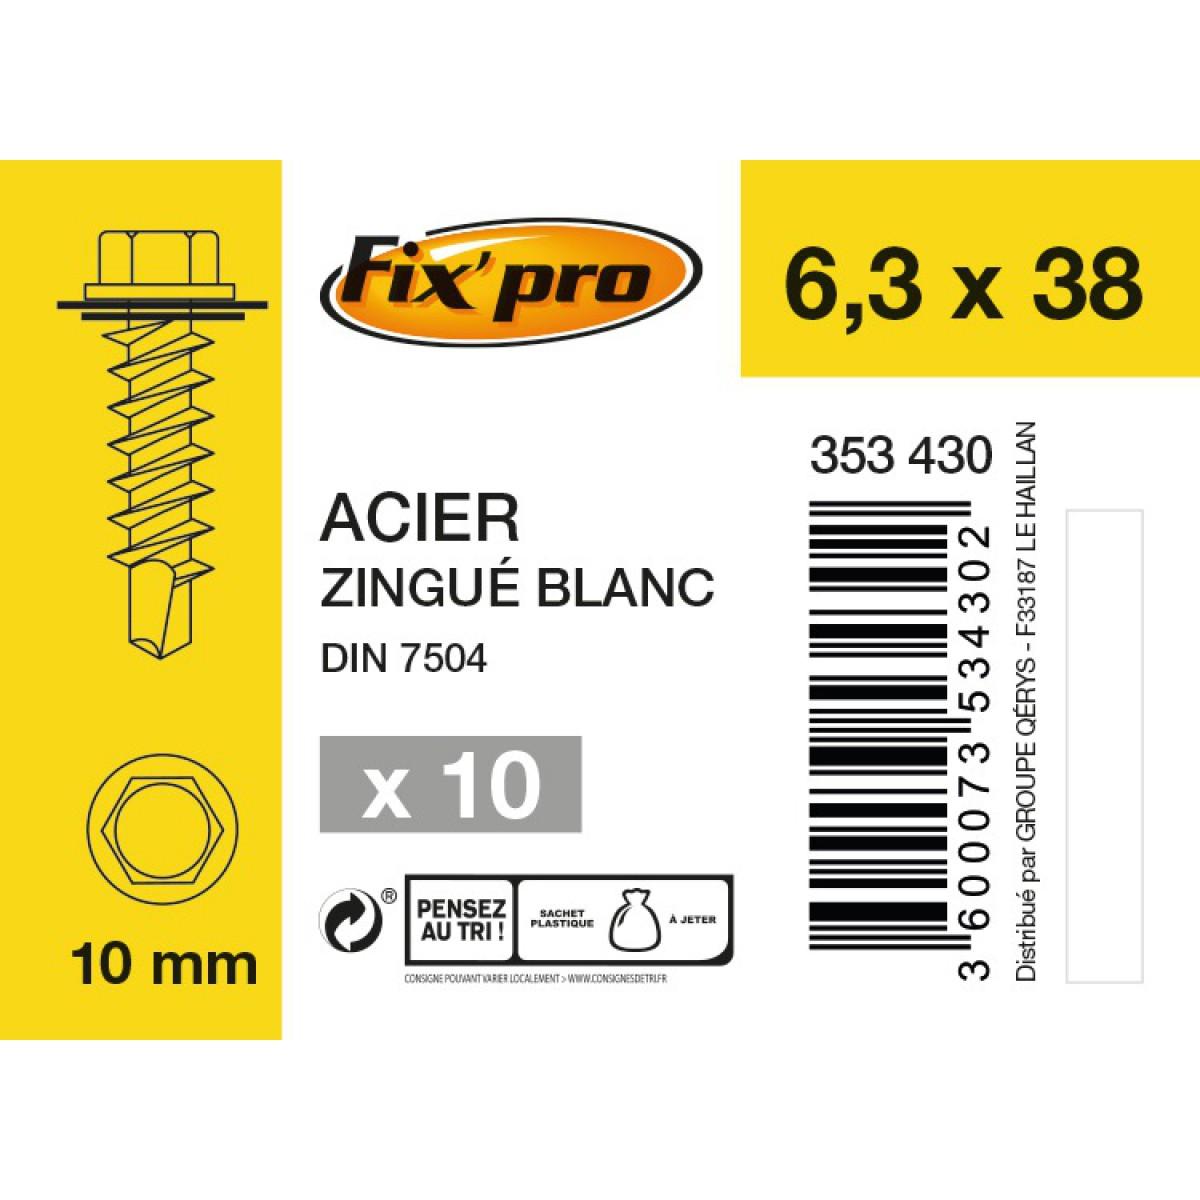 Vis tête hexagonale autoforeuse + rondelle acier zingué - 6,3x38 - 10pces - Fixpro